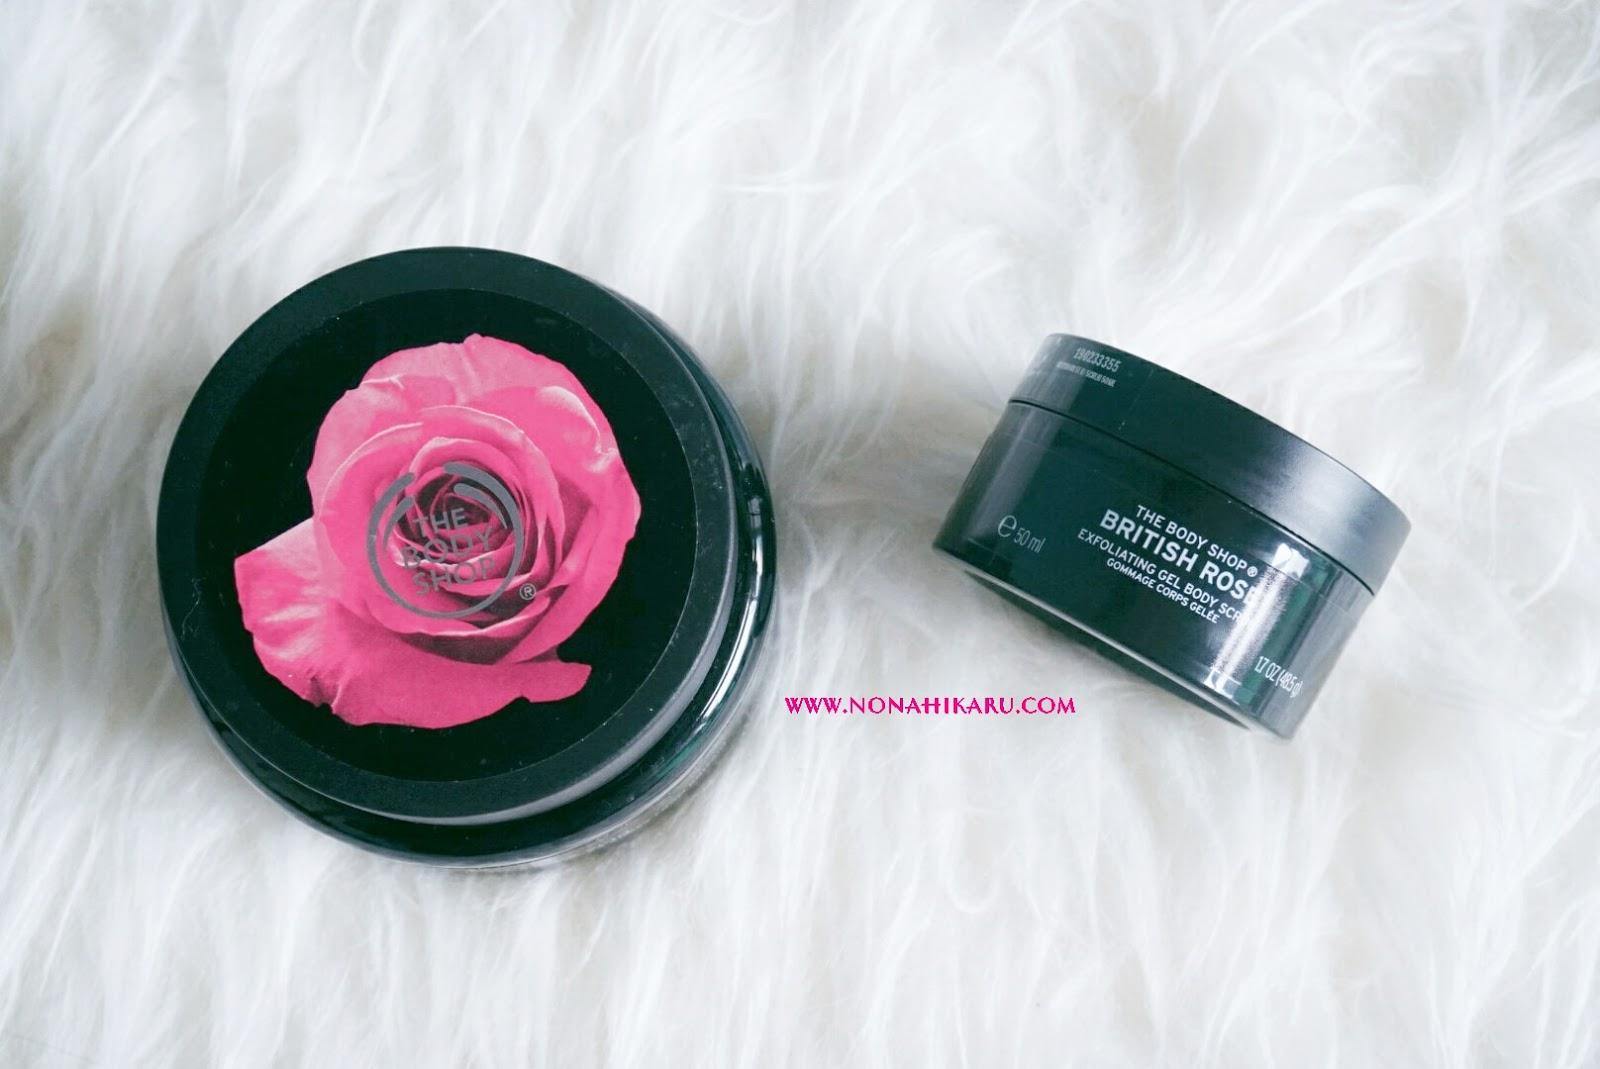 Review The Body Shop British Rose Beauty Travelling Paket Lotion Dan Shower Gel Produk Pertama Yang Akan Aku Bahas Adalah Exfoliating Scrub Kebetulan Punya Dua Ukuran 250 Ml 50